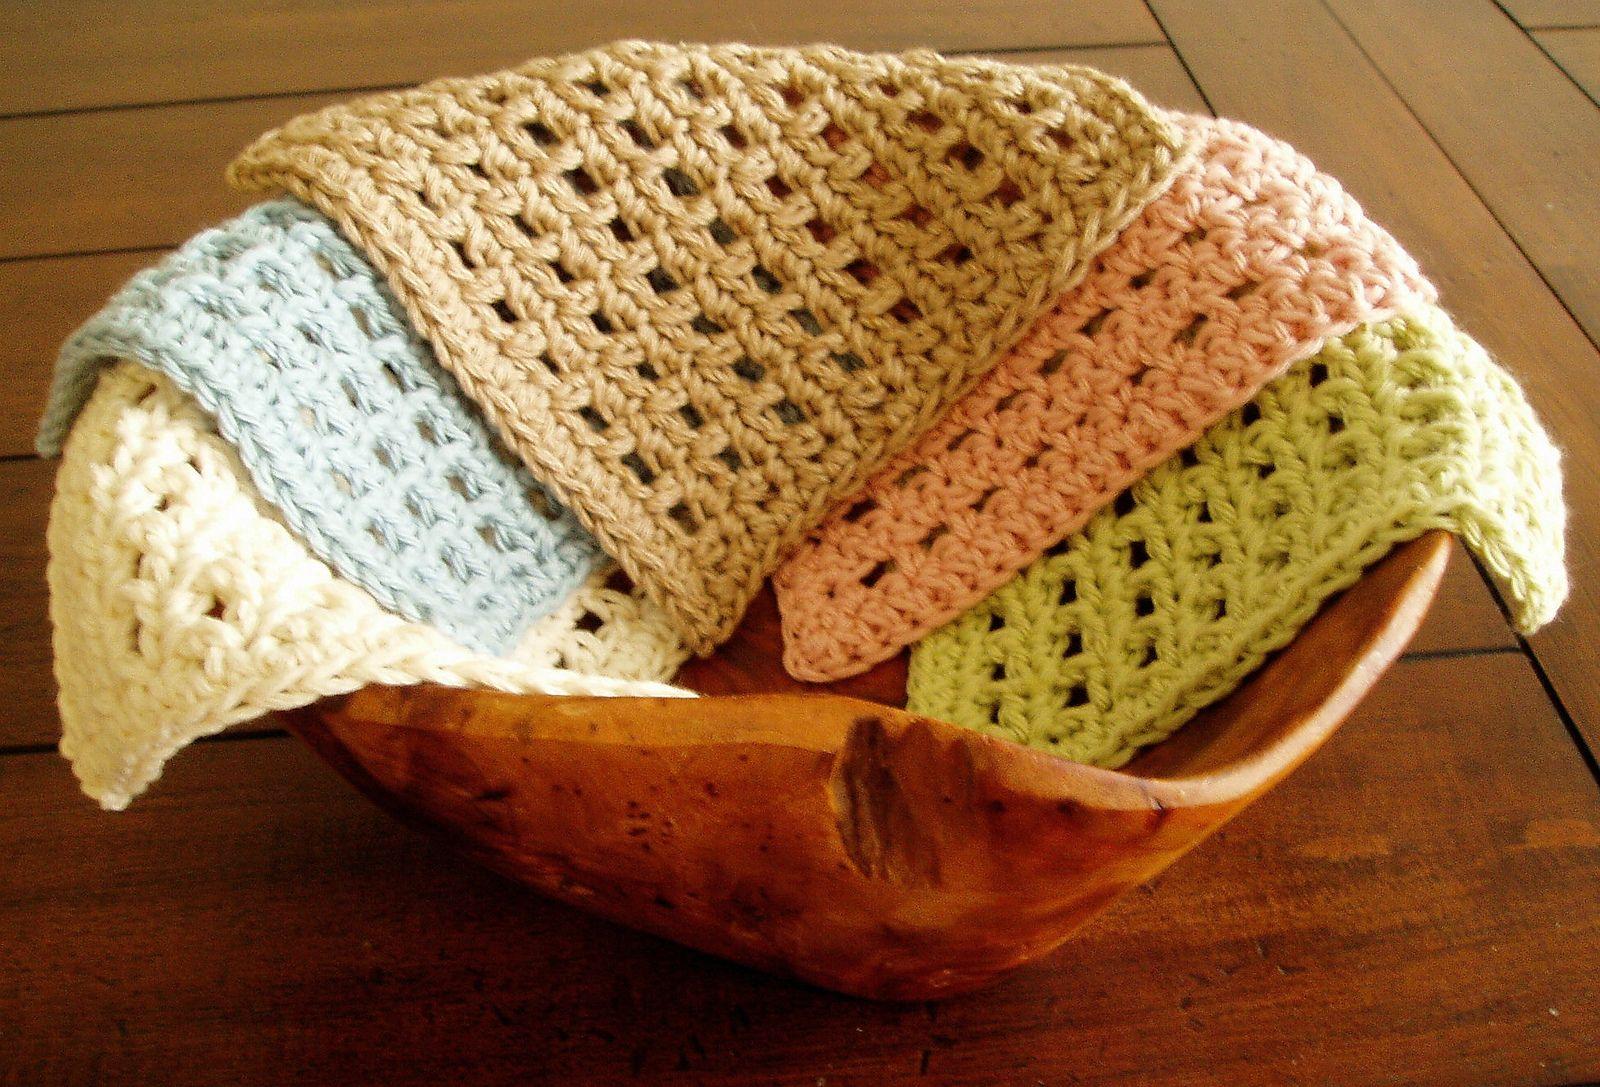 Waffle Crochet Dishcloth By Kate Alvis - Free Crochet Pattern ...